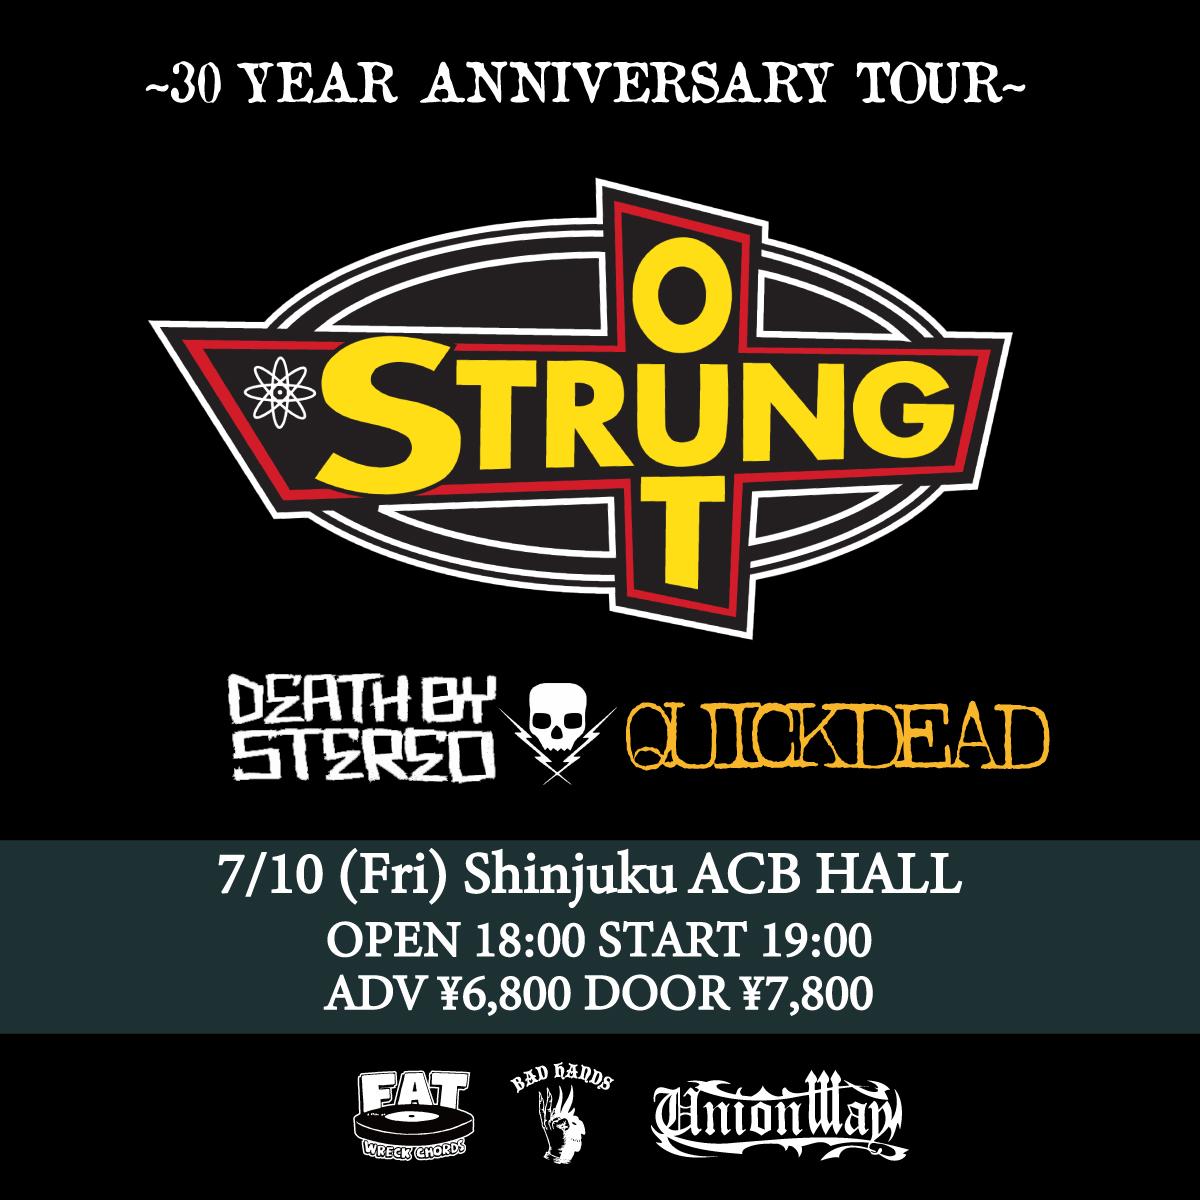 【キャンセル】UNIONWAY presents STRUNG OUT JAPAN TOUR 2020 DAY1 〜30 YEAR ANNIVERSARY TOUR〜の写真